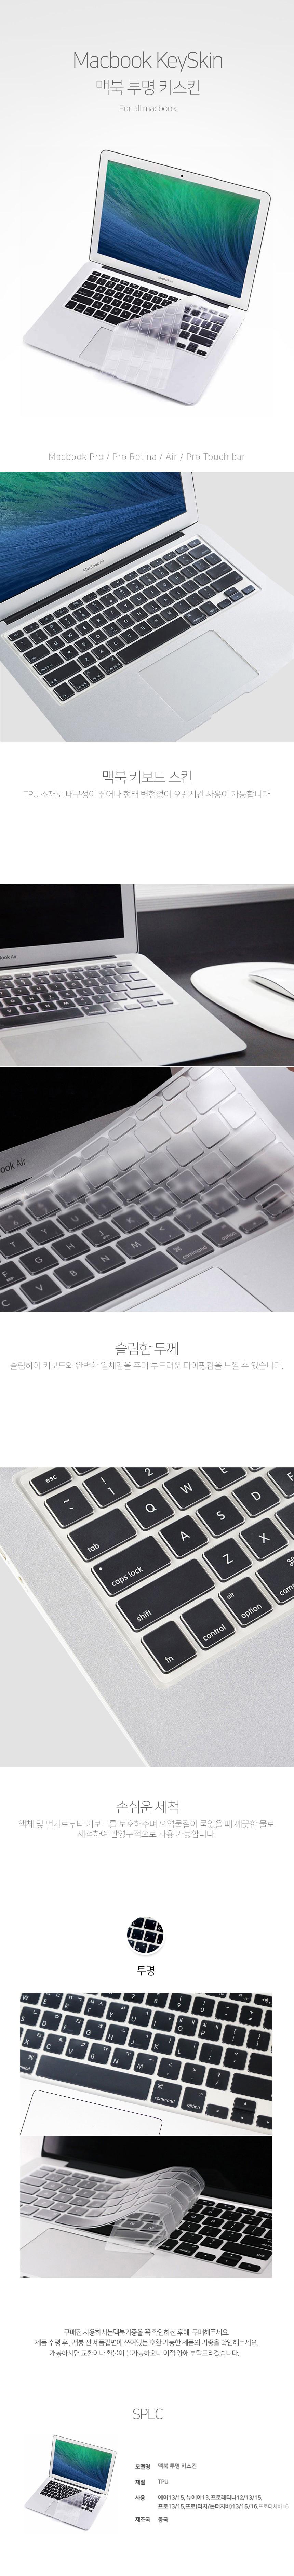 애니클리어 맥북 투명 키스킨 - 애니클리어, 6,900원, 노트북 키스킨, 27.94cm~33.78cm